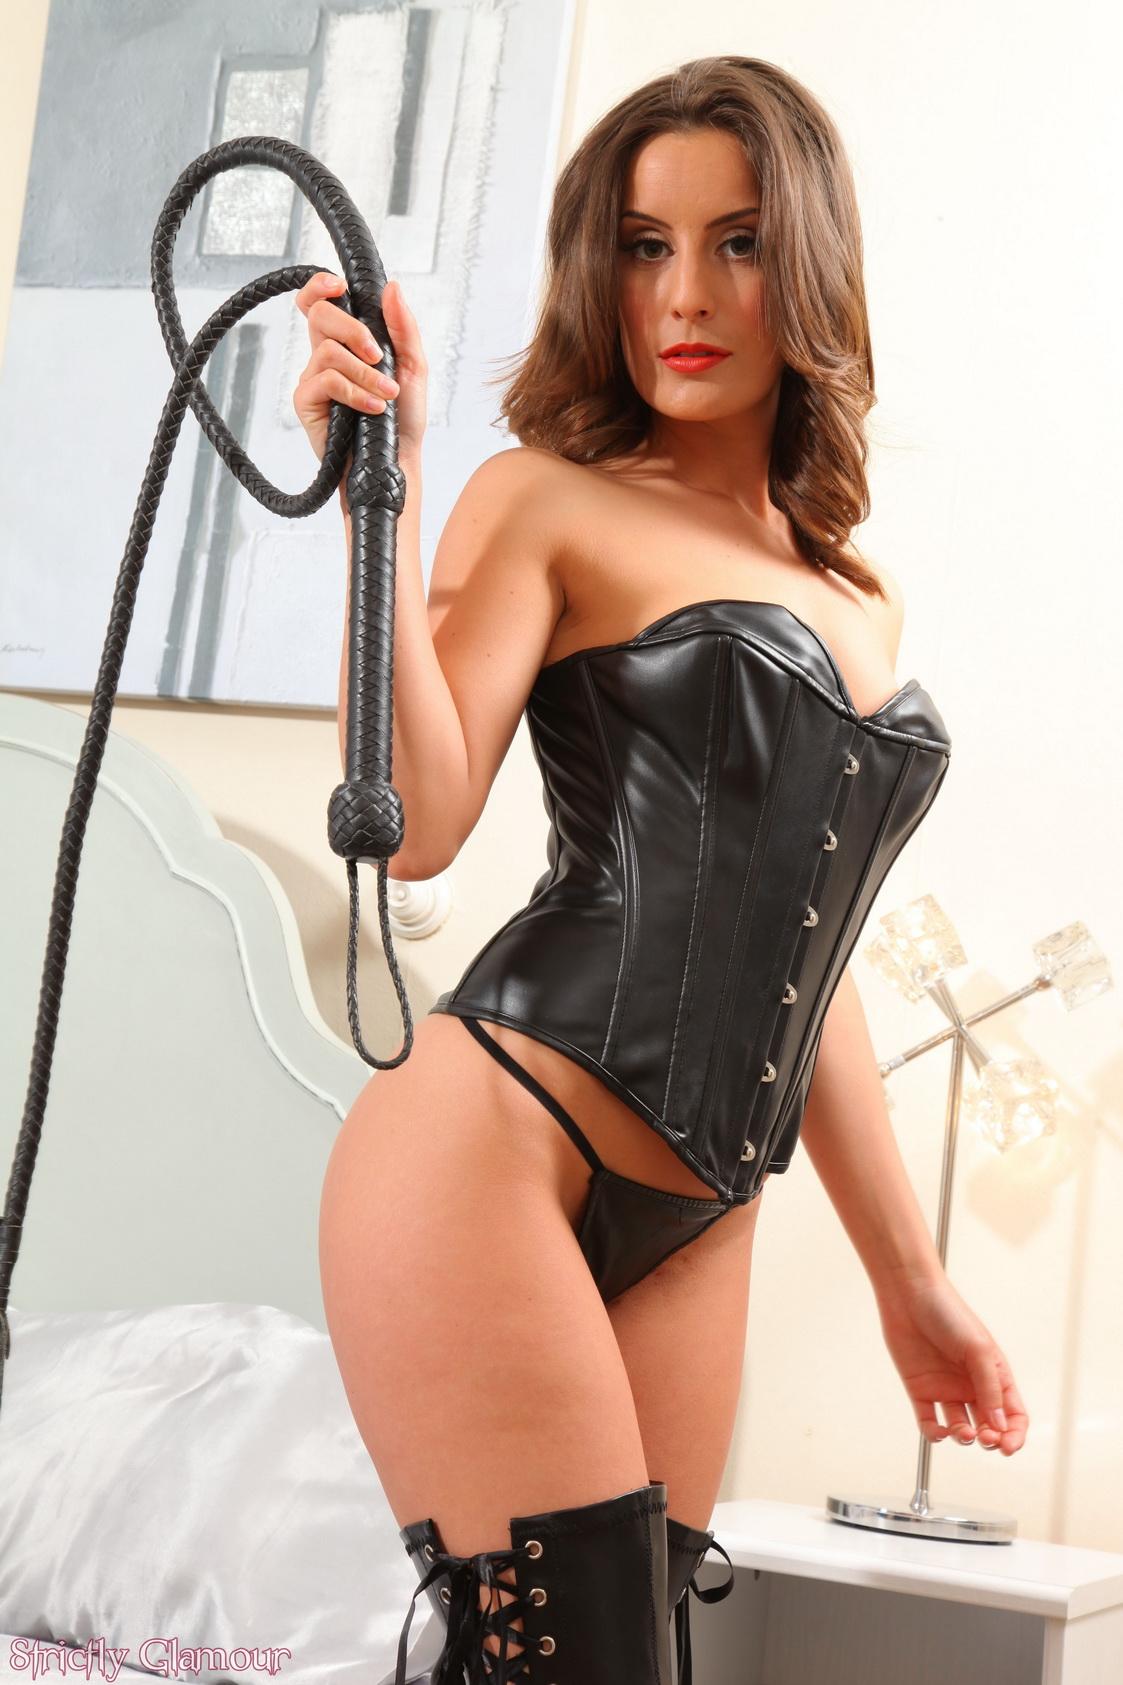 Рабыня служит своей госпоже попка порно галерея